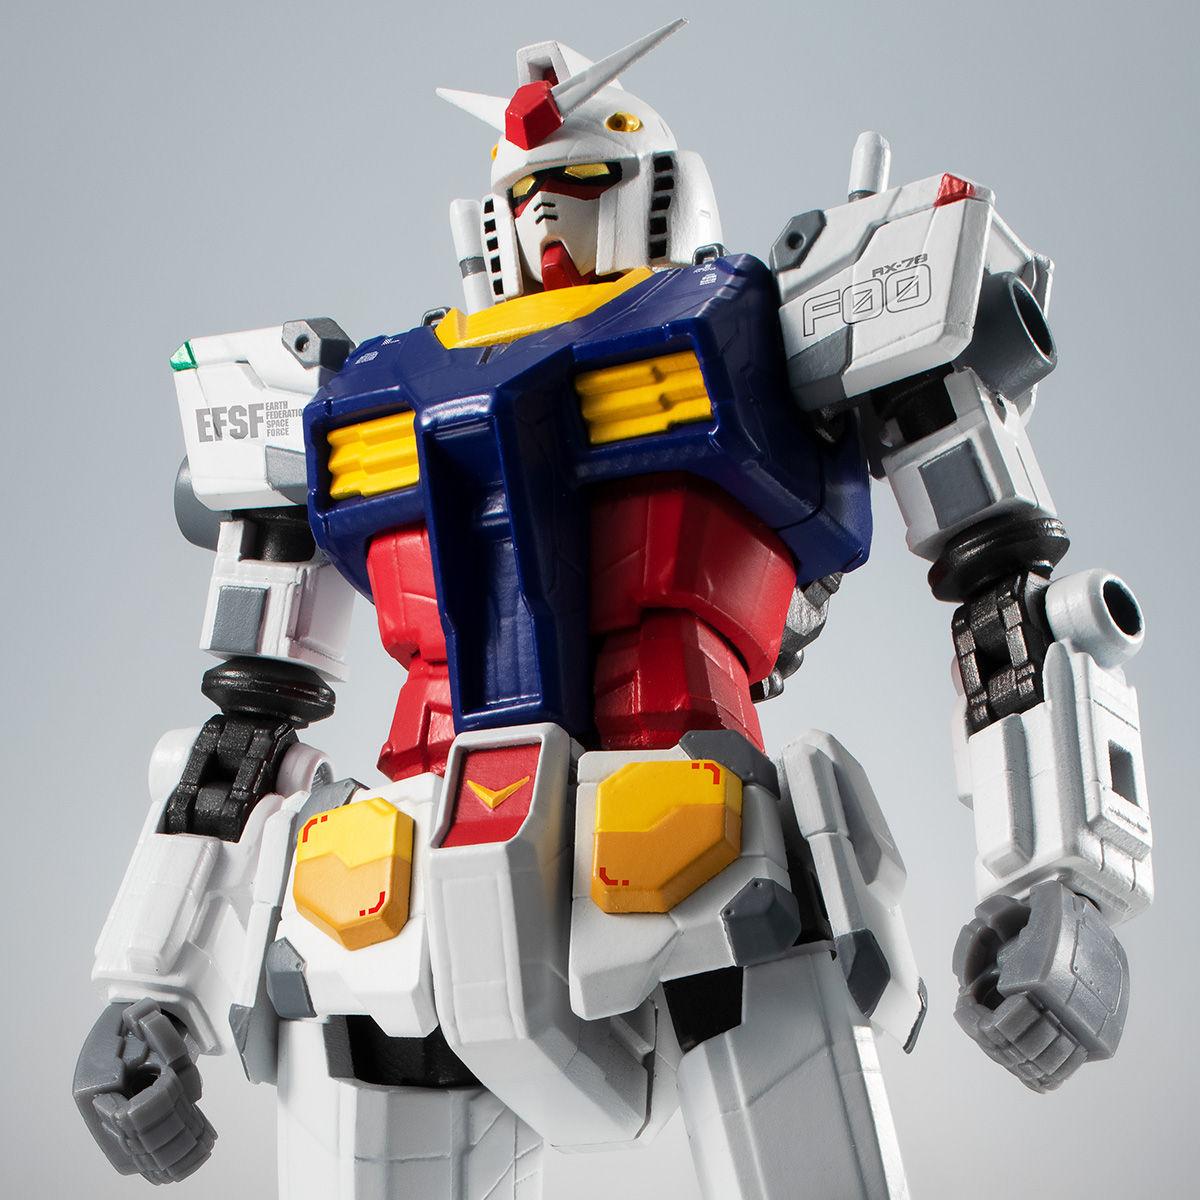 【限定販売】ROBOT魂〈SIDE MS〉『RX-78F00 ガンダム』可動フィギュア-001